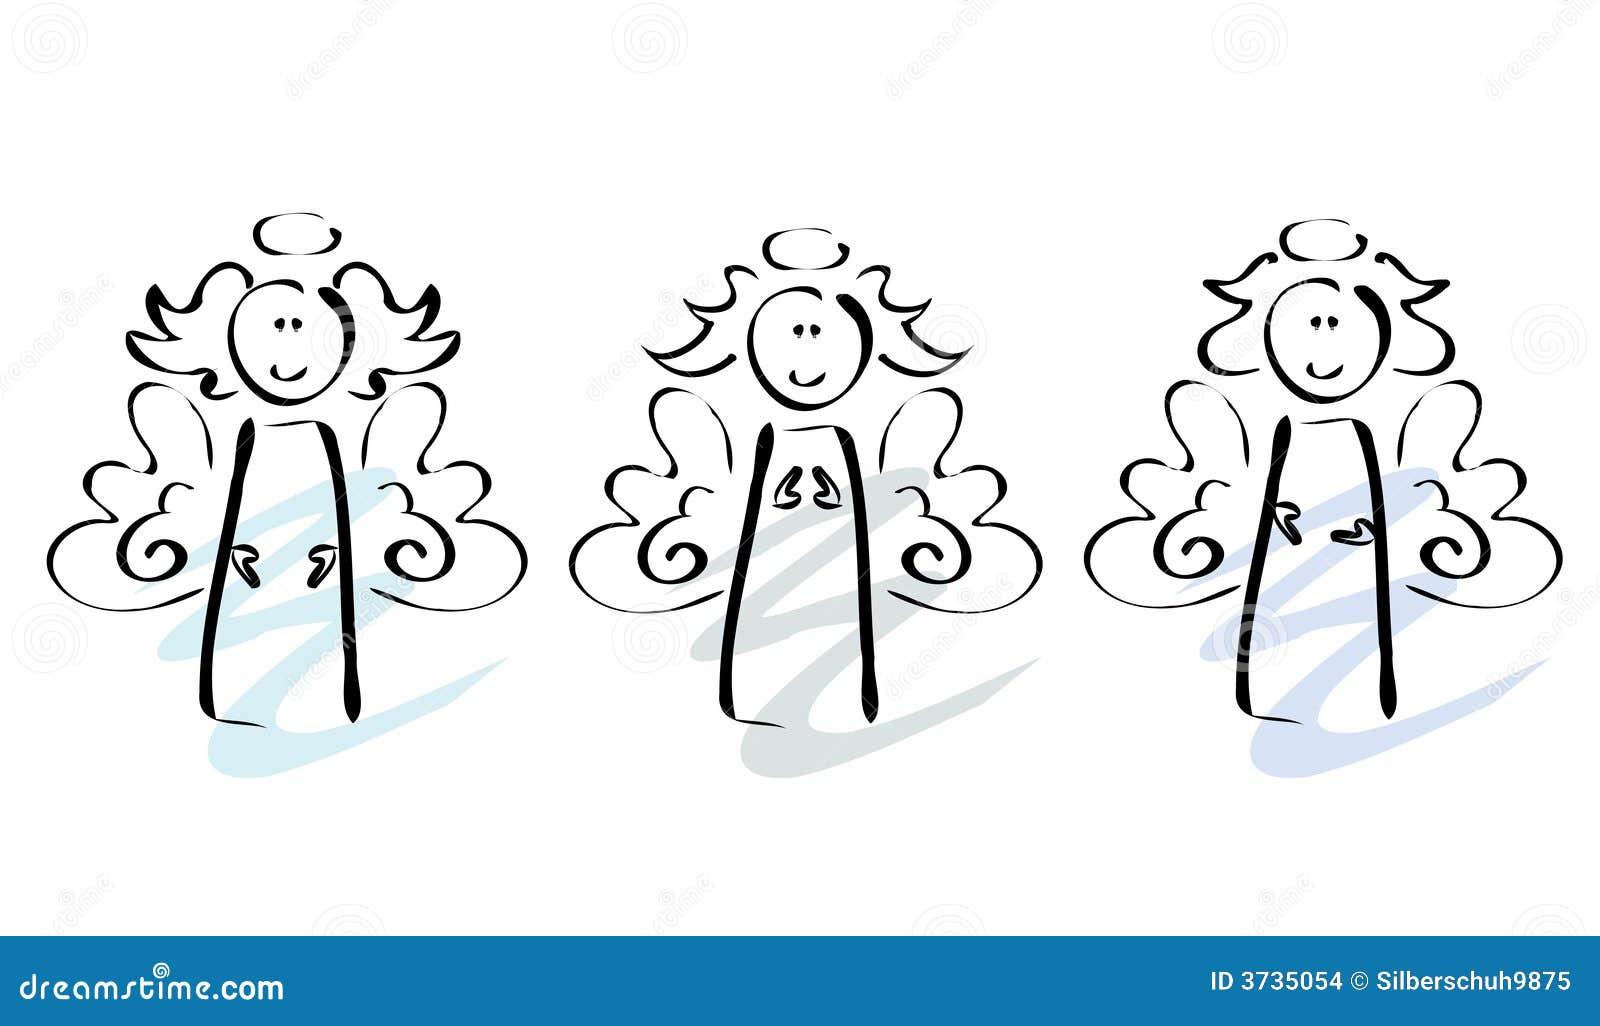 3 engel fur charlie fratzi scena - 3 2